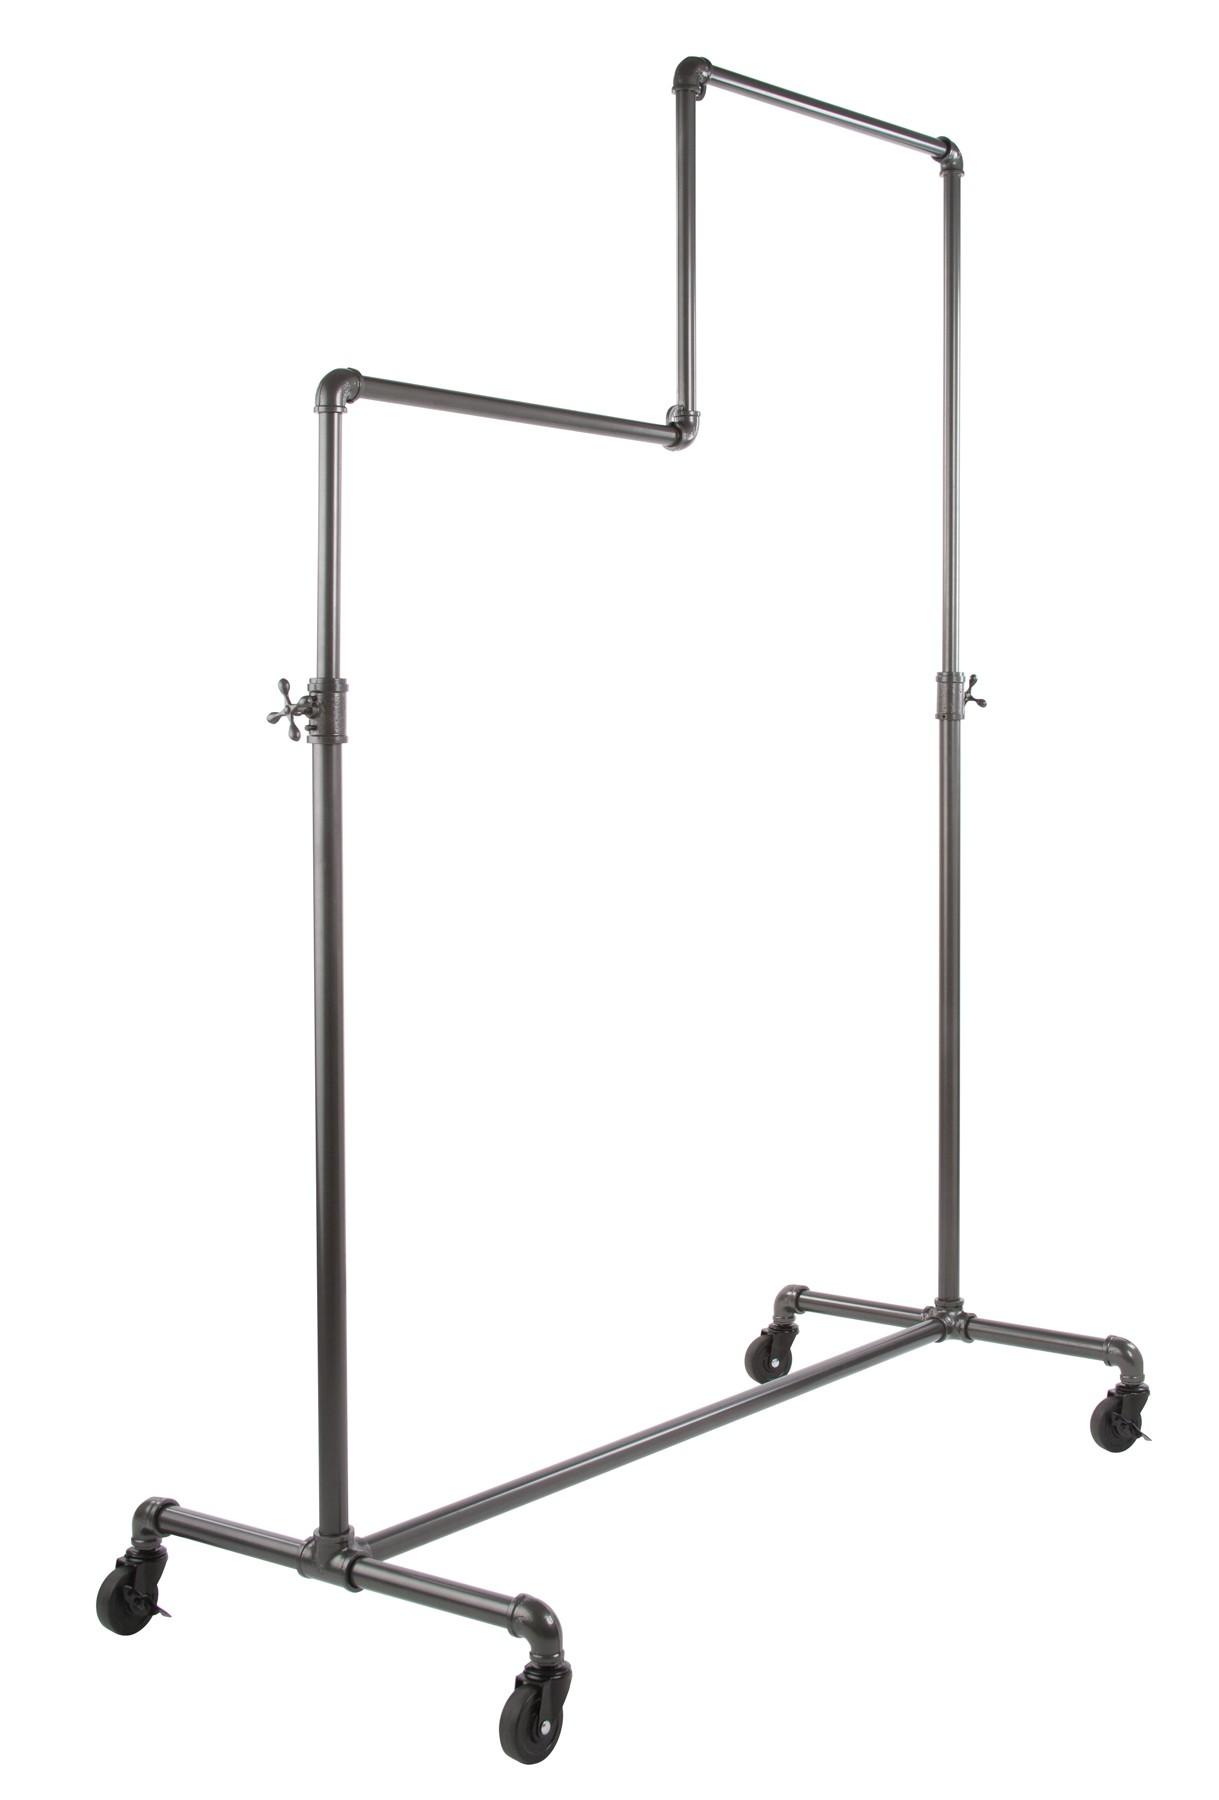 pipe hanging rack hanger original ideas of black clothing